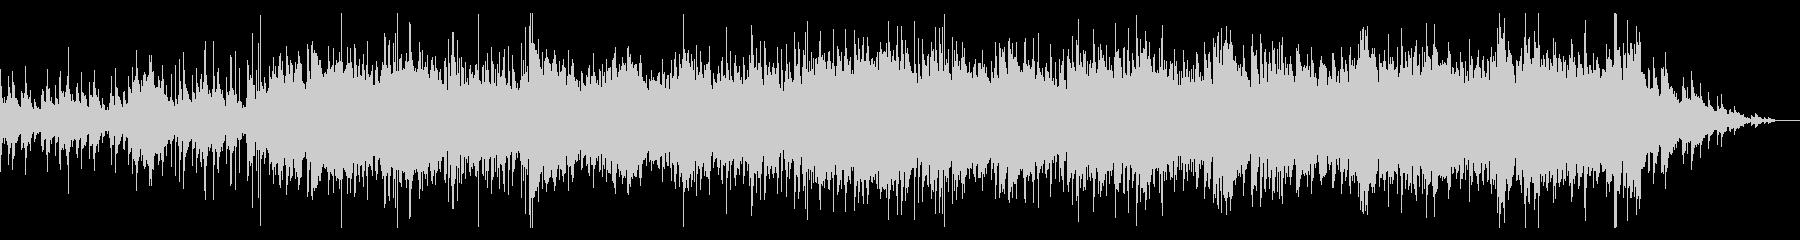 ホラー風味のダークなBGMの未再生の波形